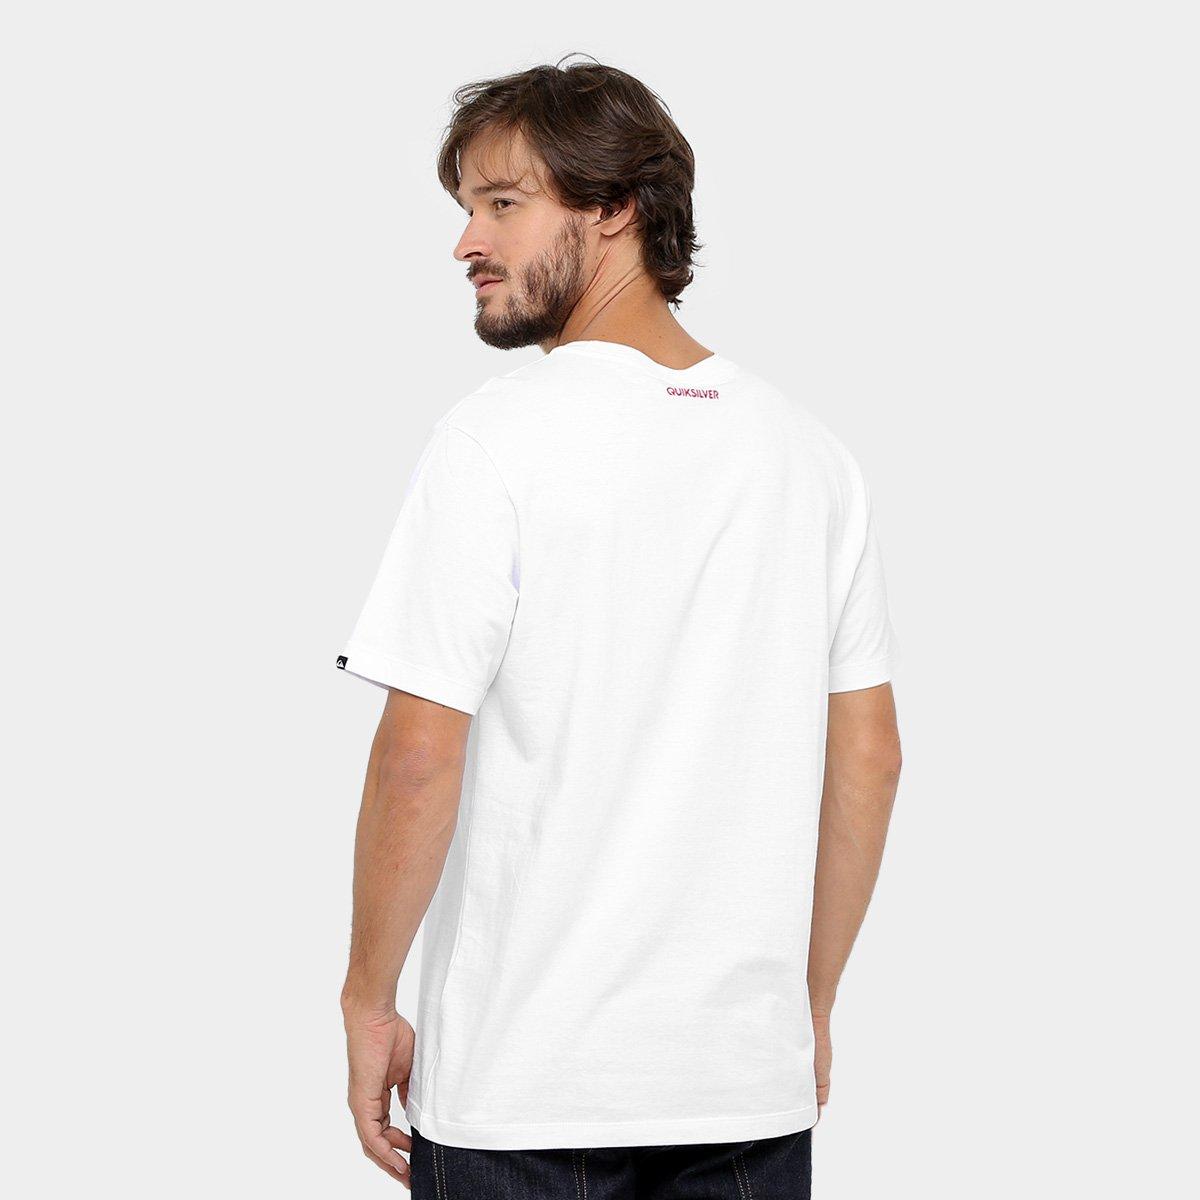 Camiseta Quiksilver Basica Jamaica  Camiseta Quiksilver Basica Jamaica ... 72629c3bc15bf